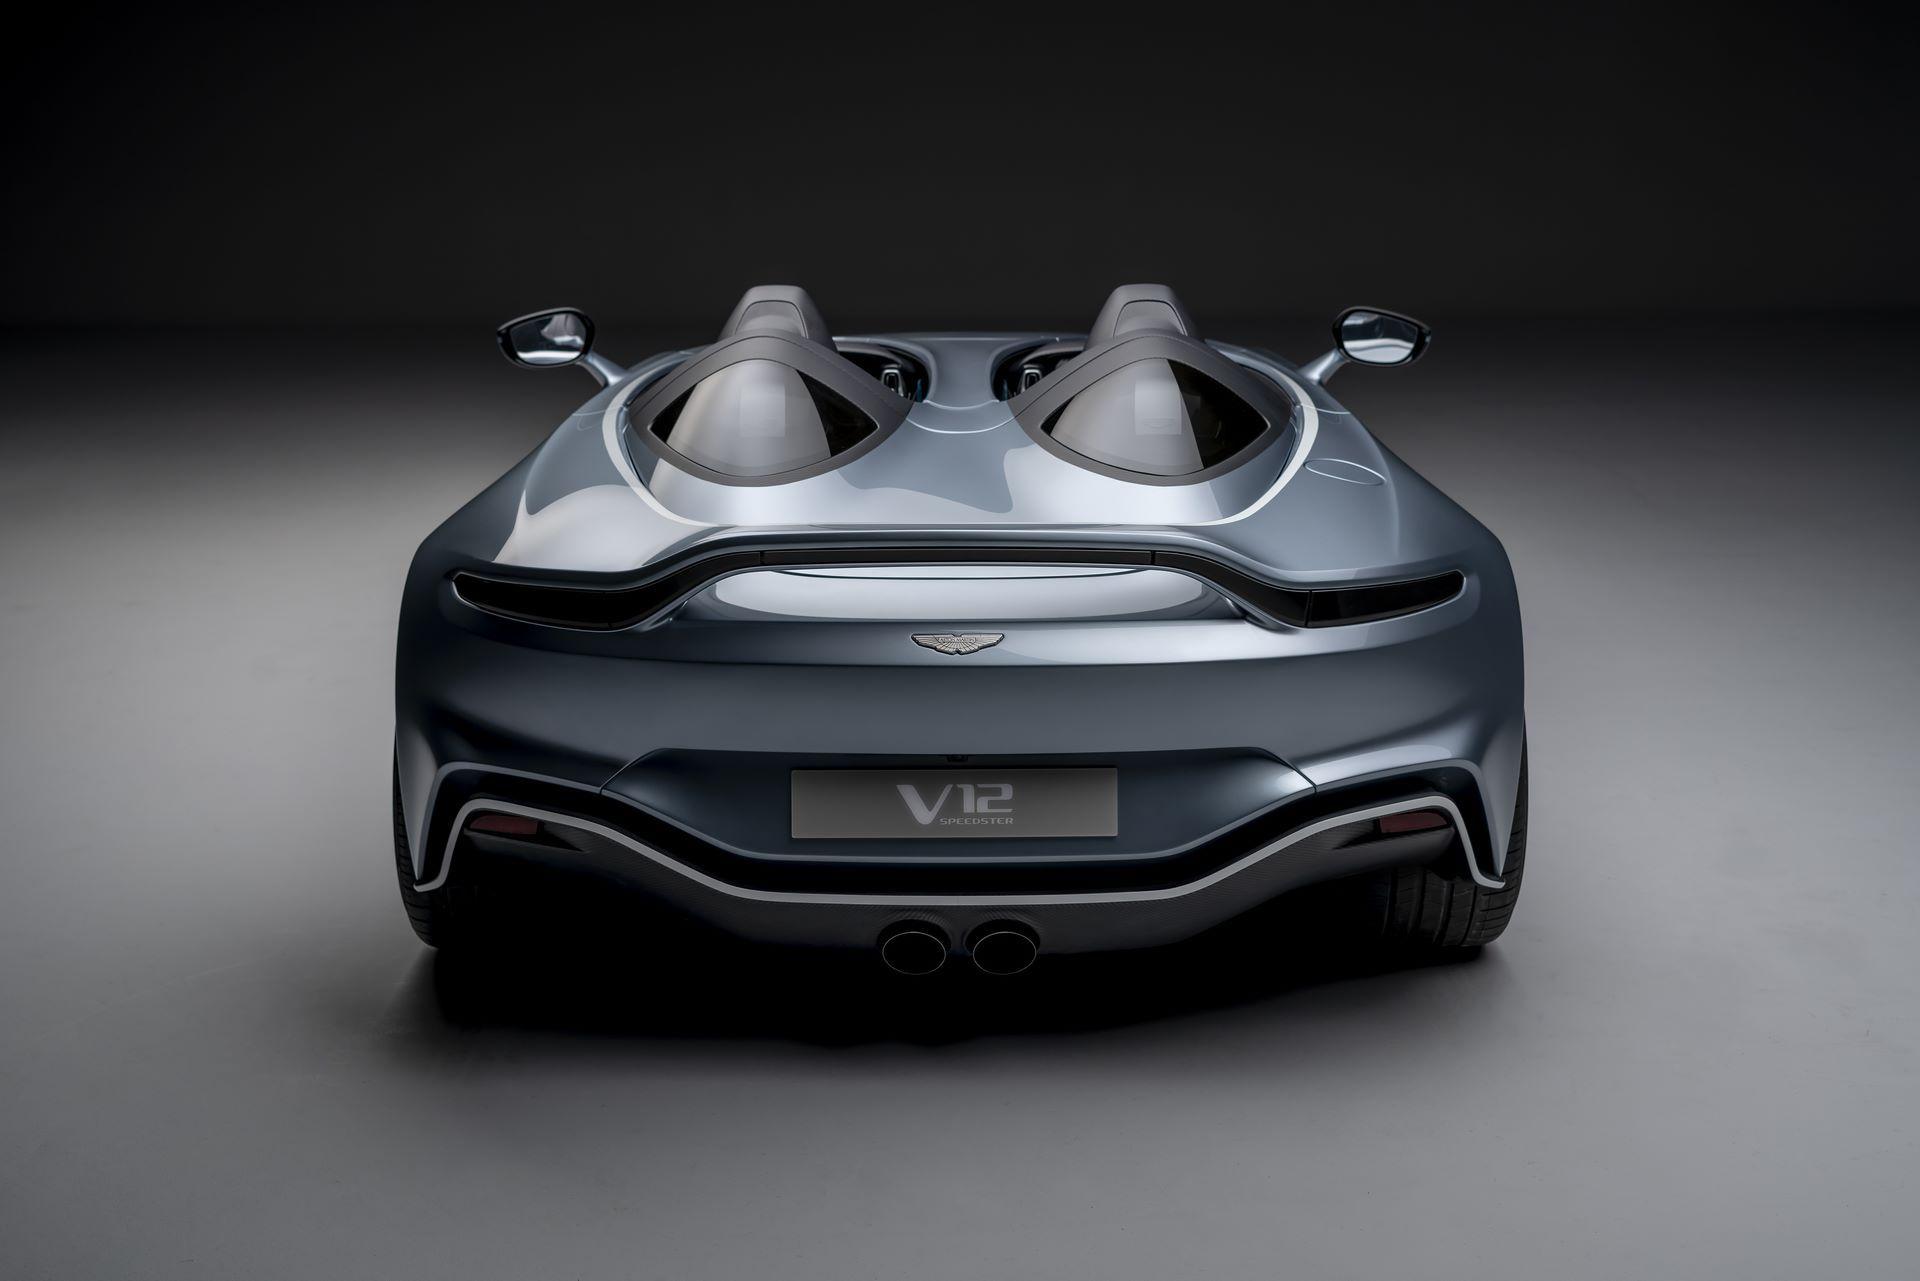 Aston-Martin-V12-Speedster-16